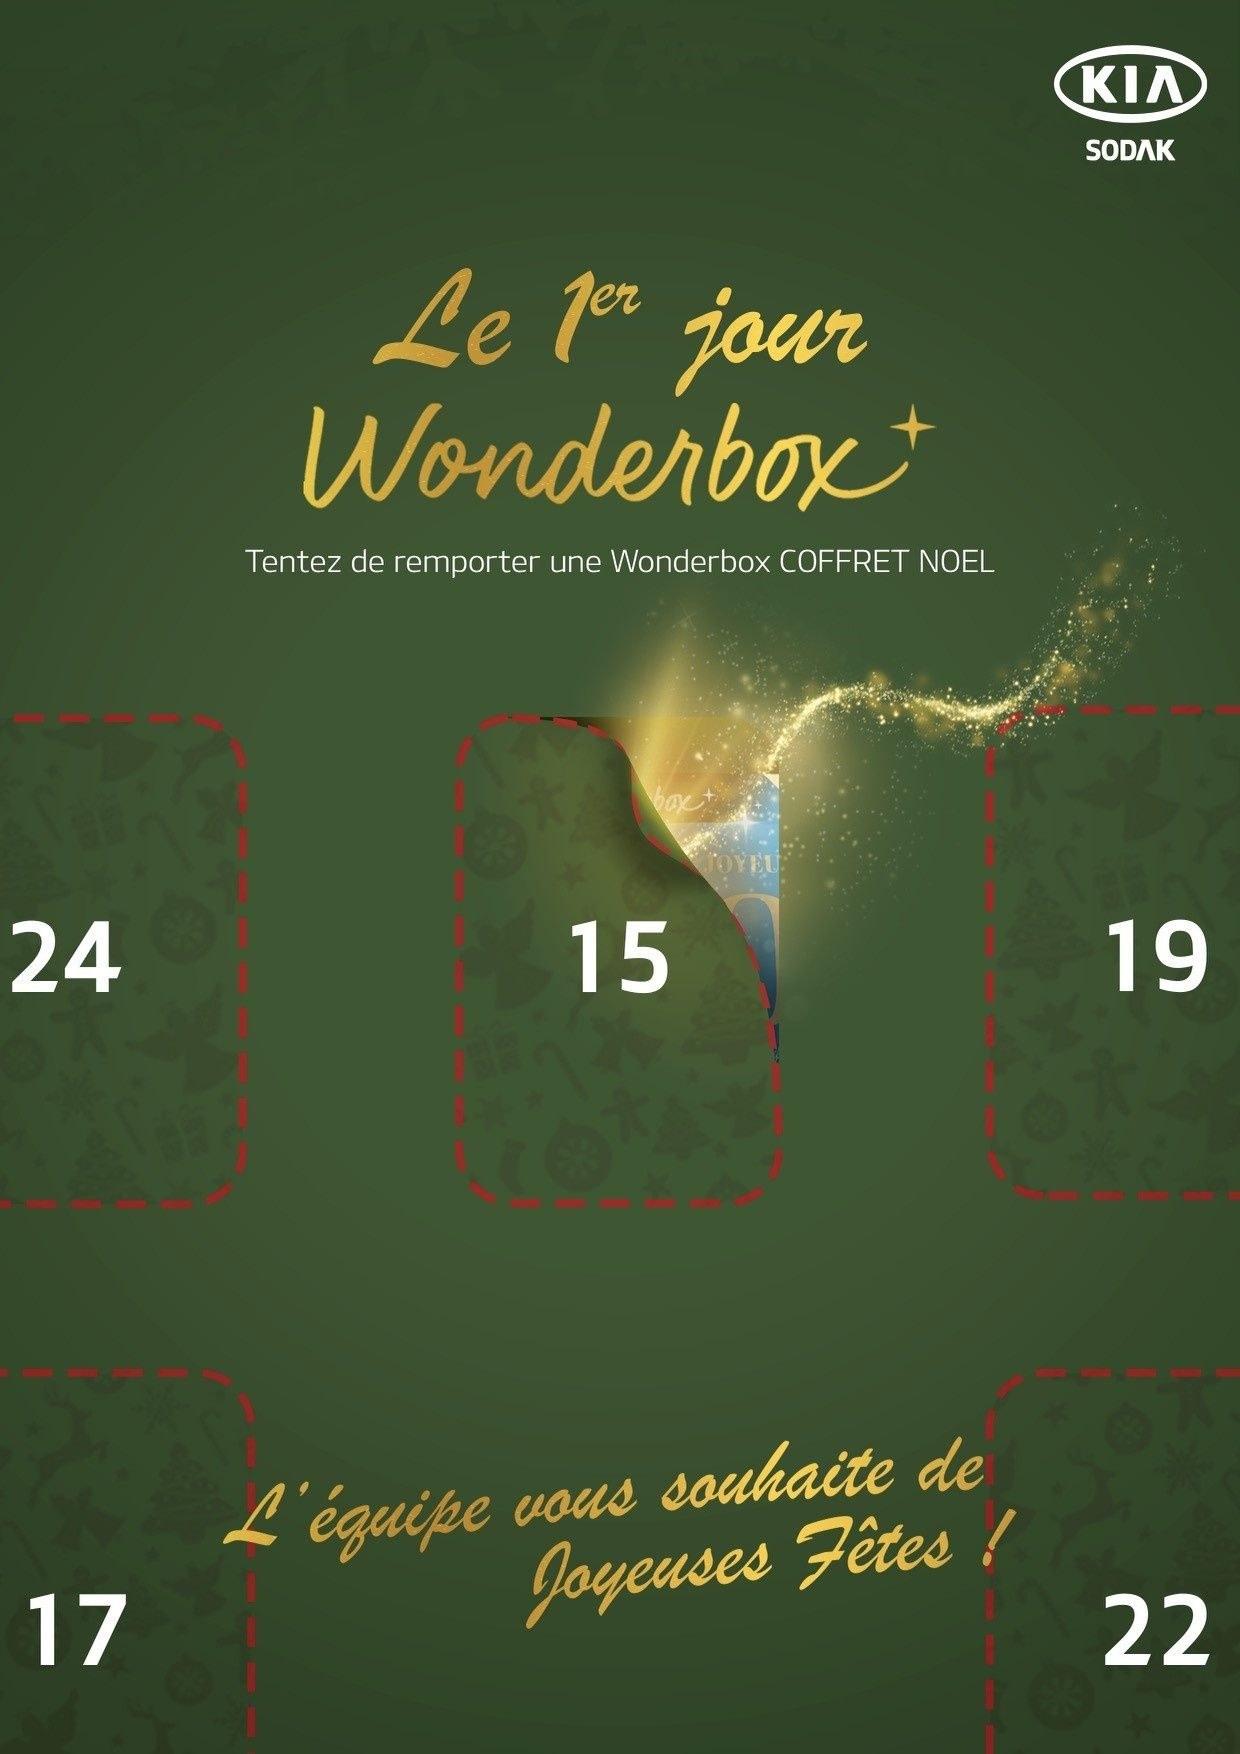 Les 10 jours wonderbox